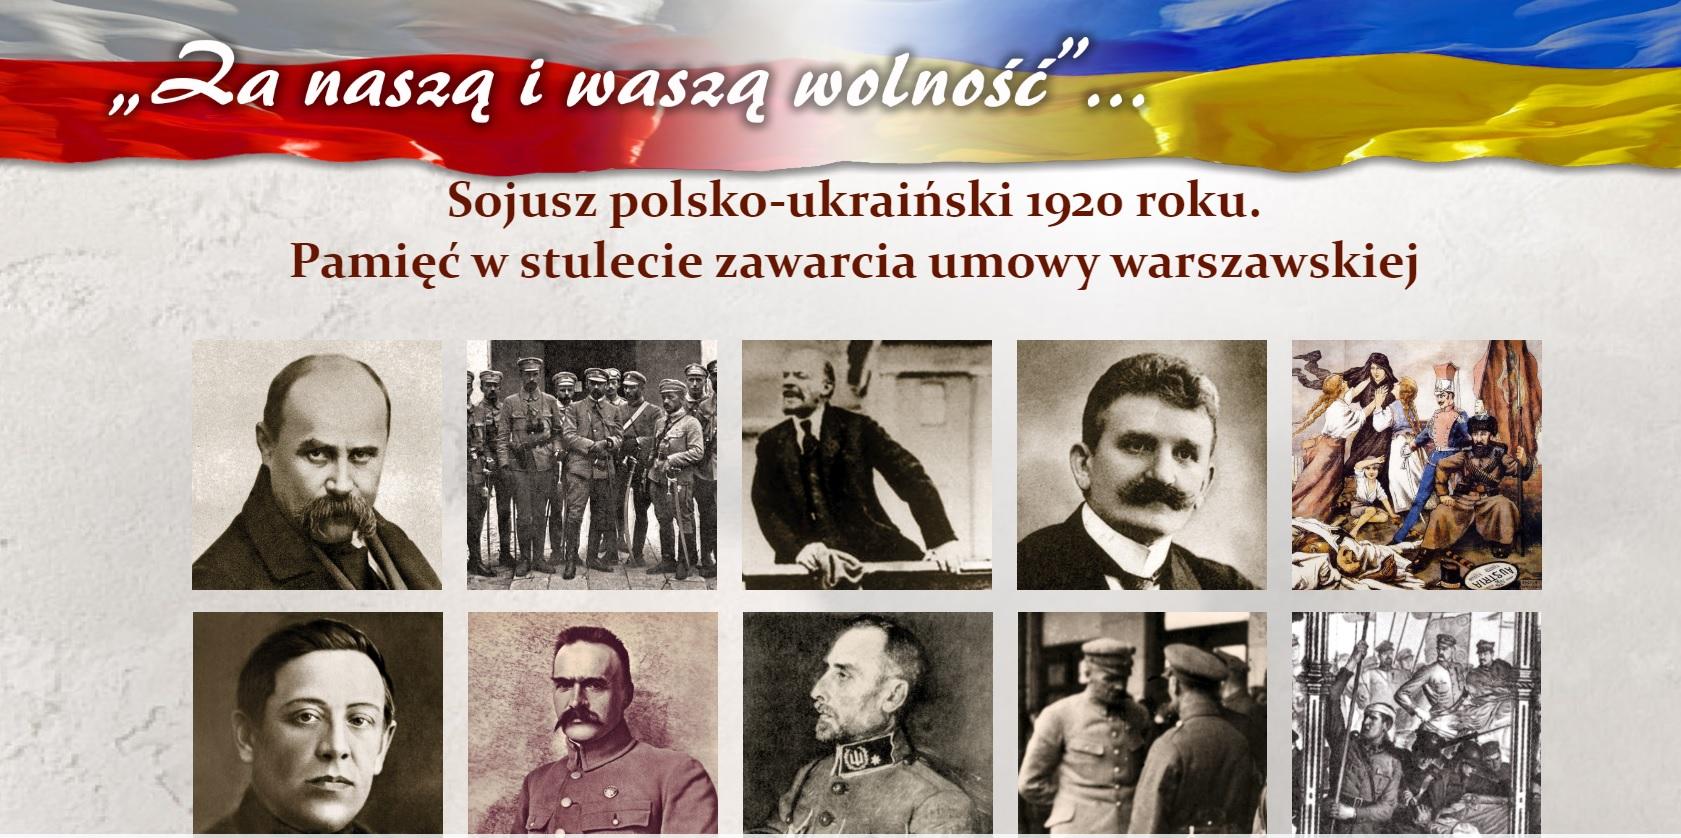 """Wystawa """"Za naszą i waszą wolność … Sojusz polsko-ukraiński 1920 roku. Pamięć w stulecie zawarcia umowy warszawskiej""""."""